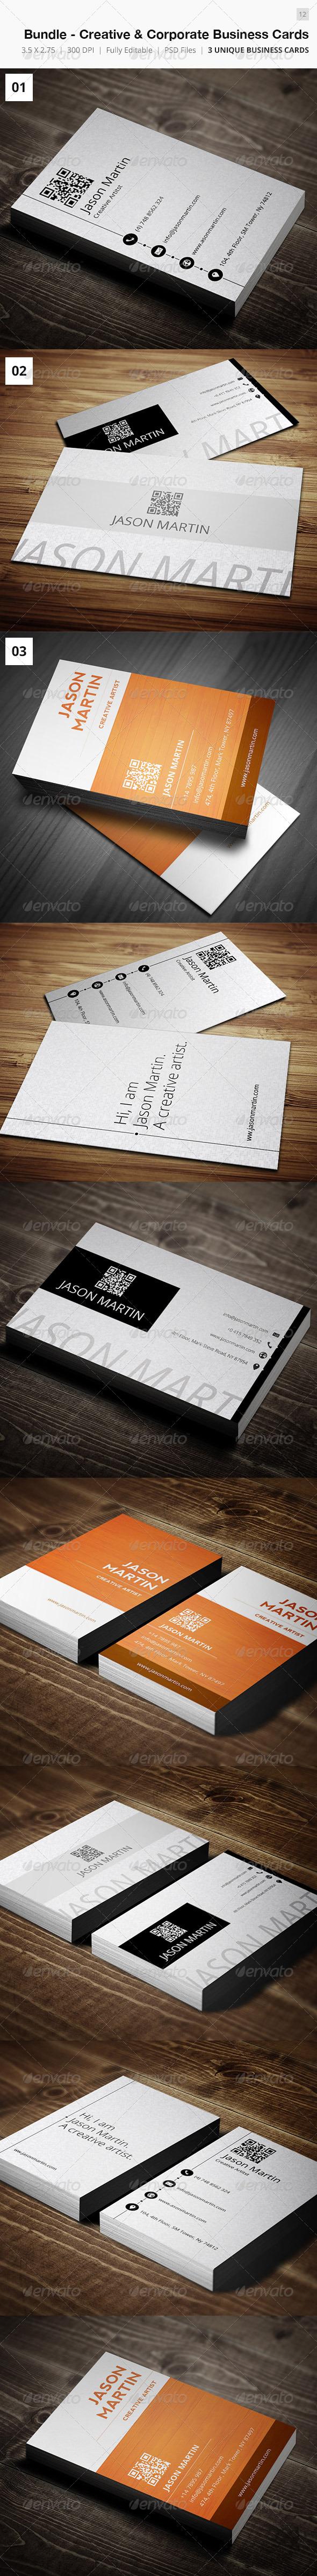 Bundle - Creative & Corporate Business Card - 12 - Corporate Business Cards